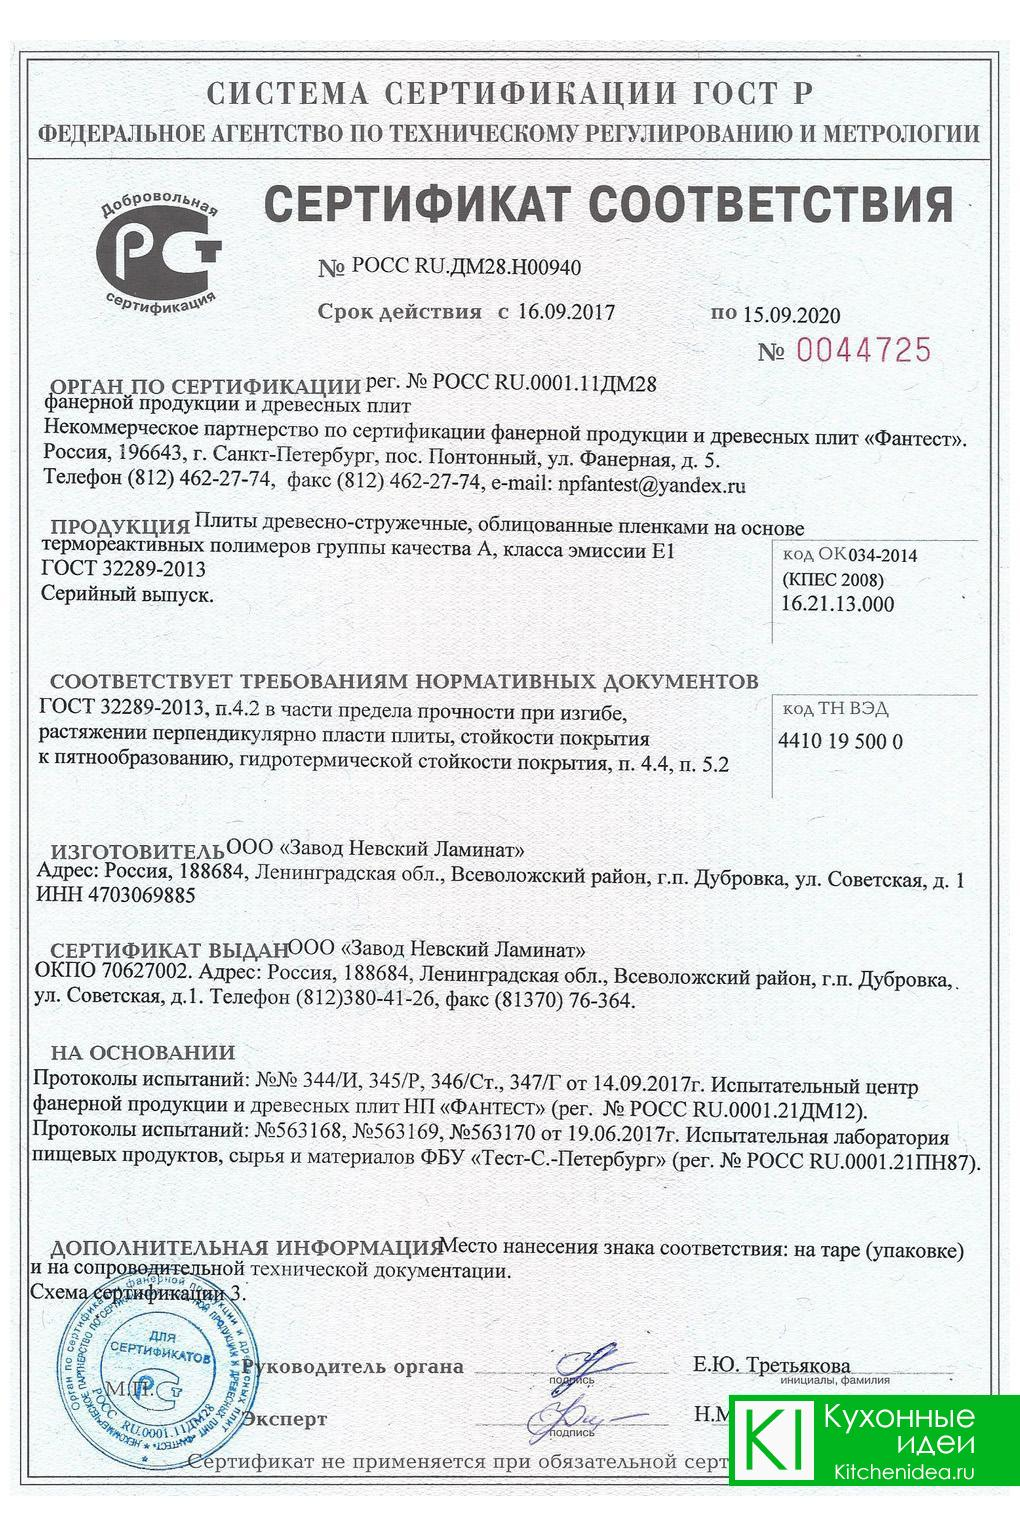 Сертификат соответствия ДСП требо